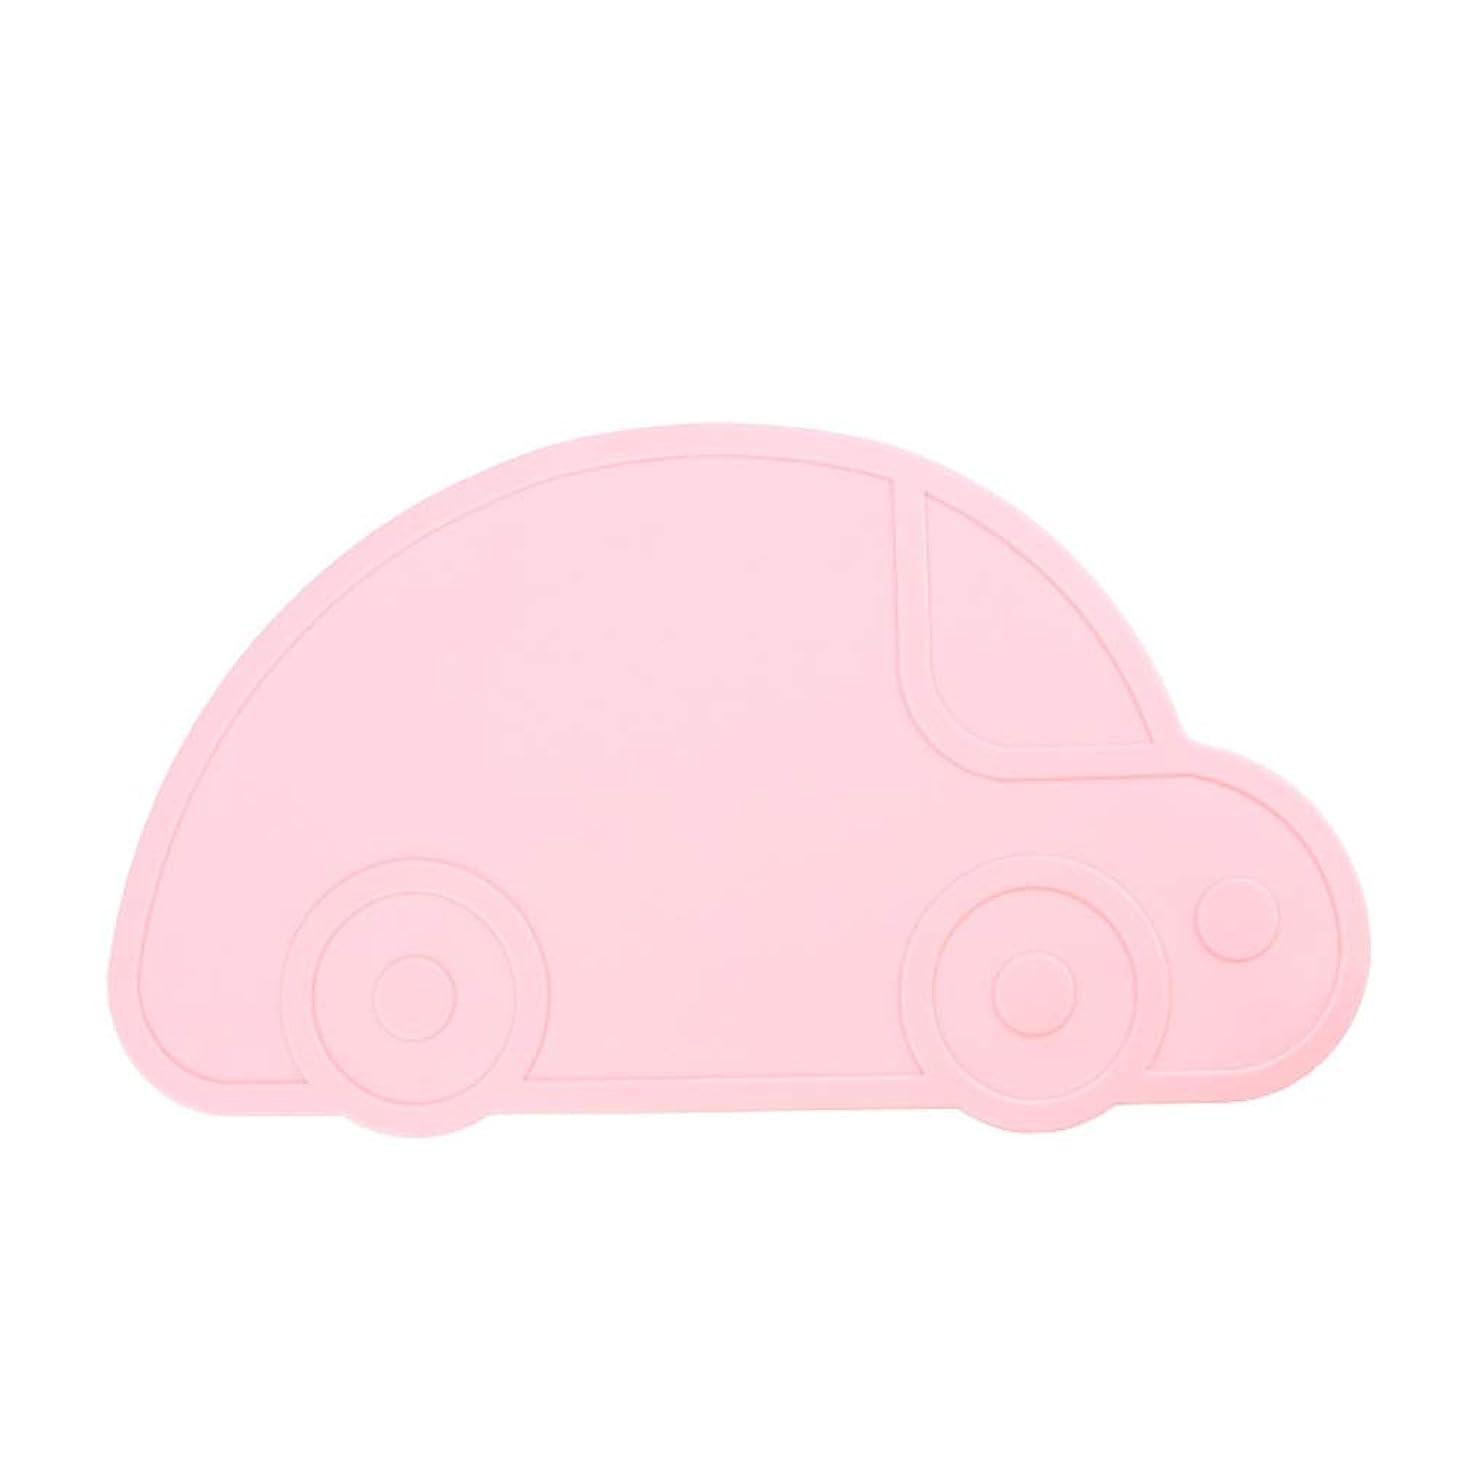 クランシー資格情報外側ランチョンマット テーブルマット シリコン ベビー 子供用 可愛い 食事マット 撥水 防汚 丸洗い 車 (ピンク)